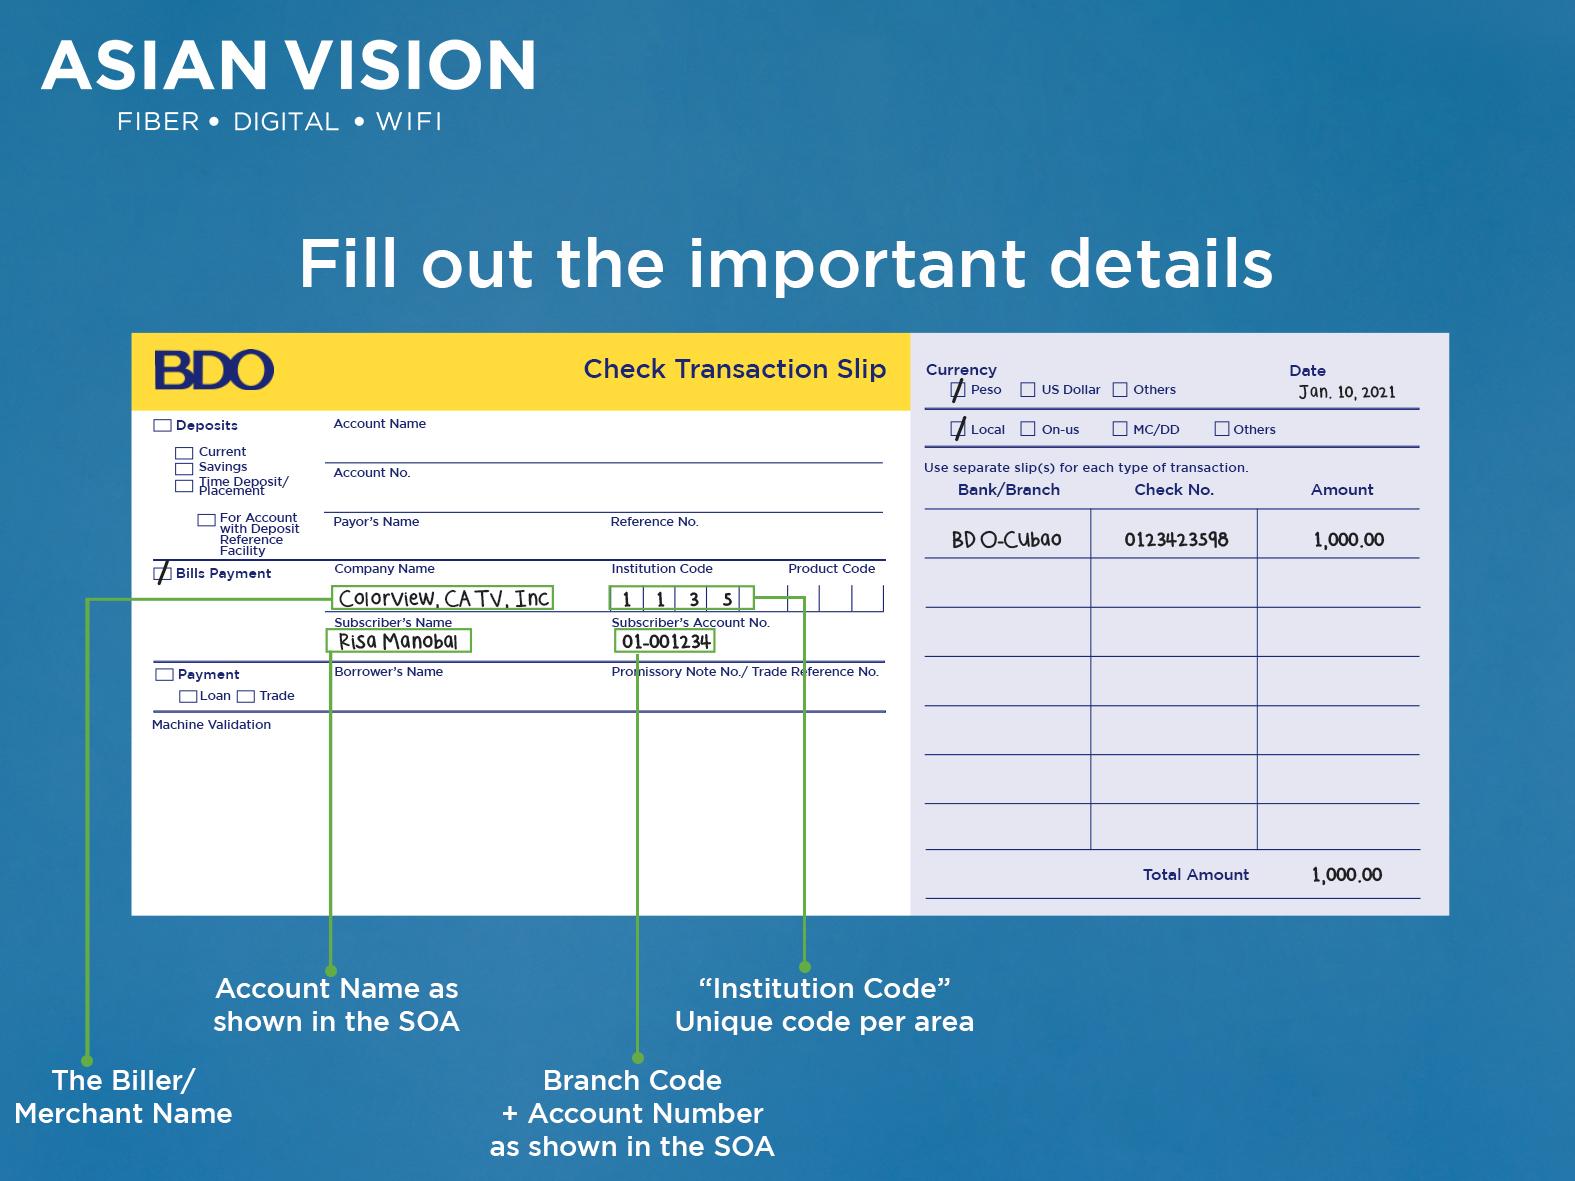 Sample image for Check Transaction Slip: